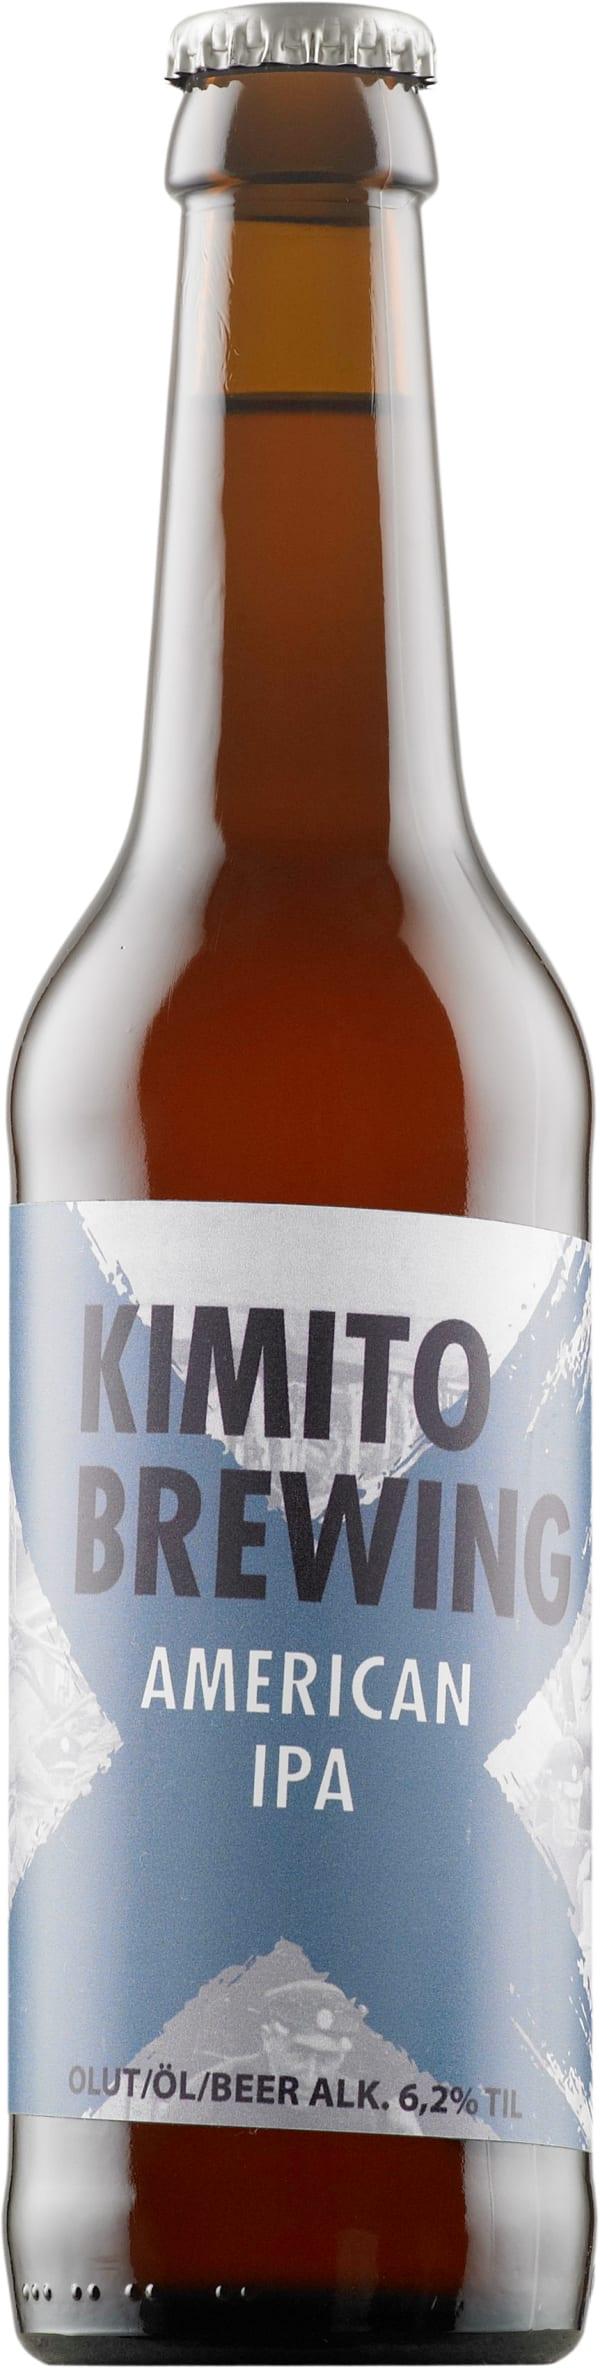 Kimito American IPA